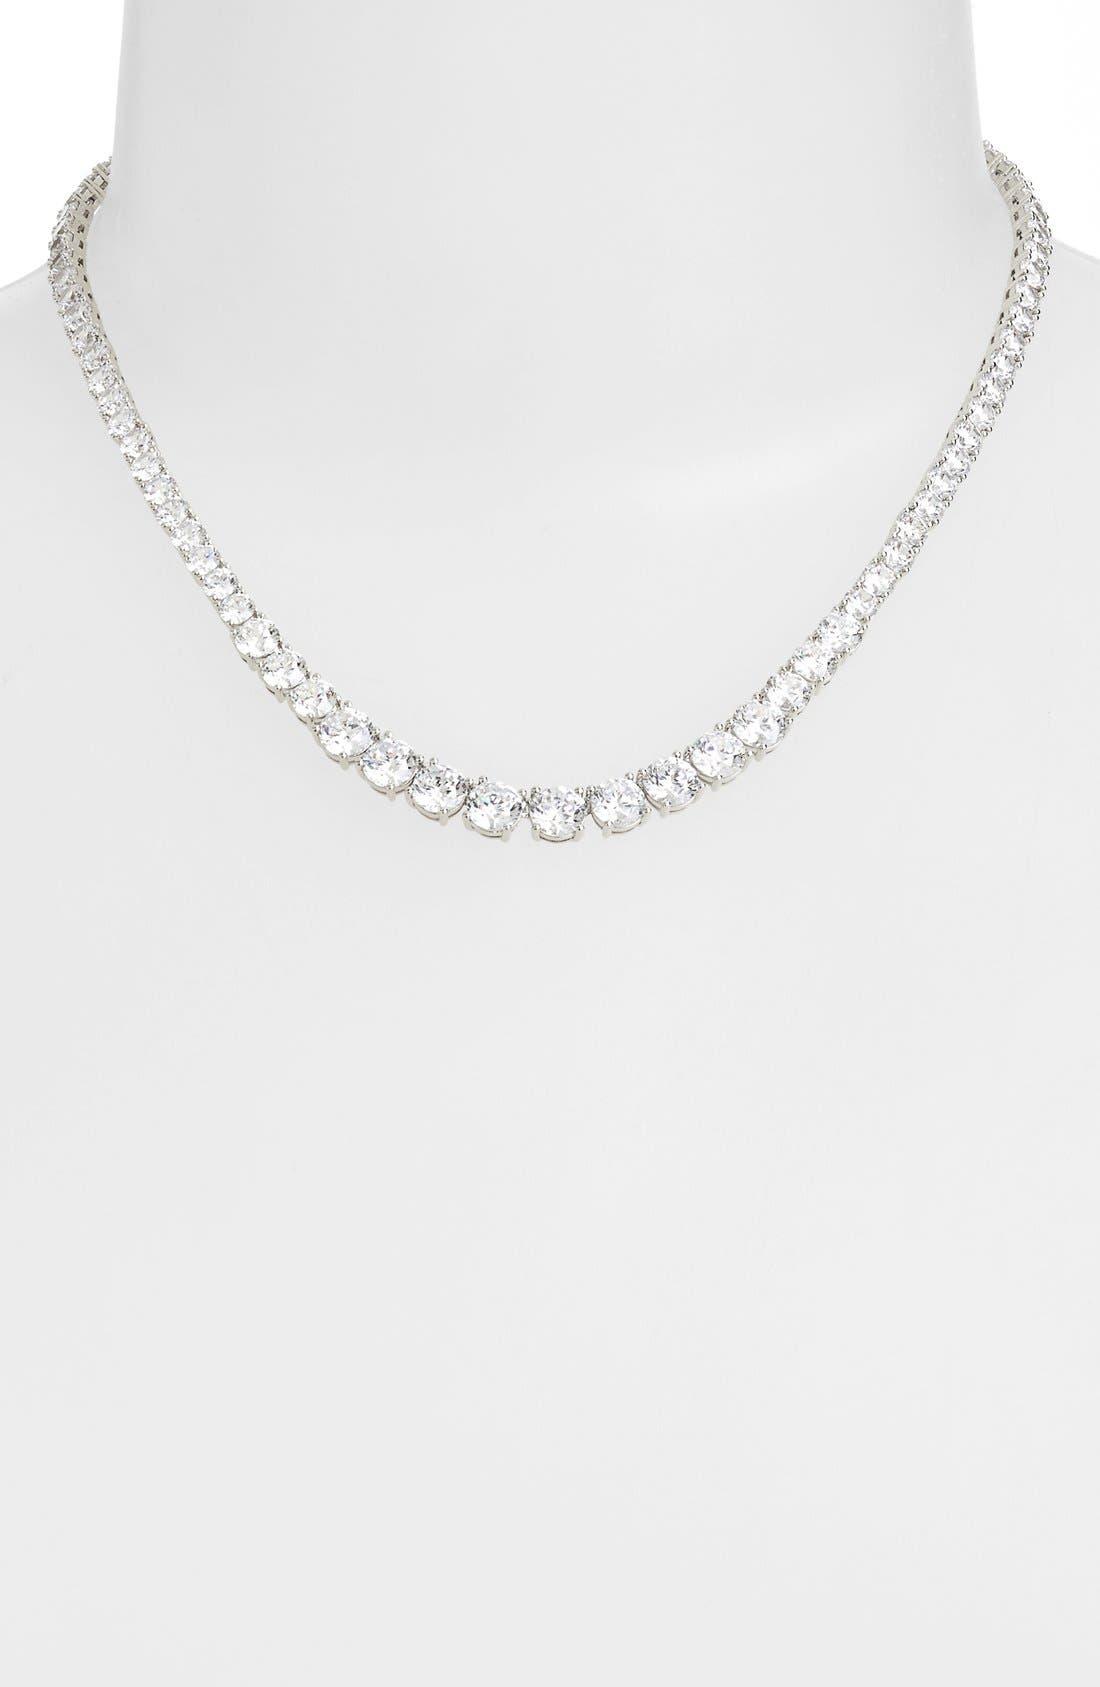 Cubic Zirconia Collar Necklace,                         Main,                         color, Silver